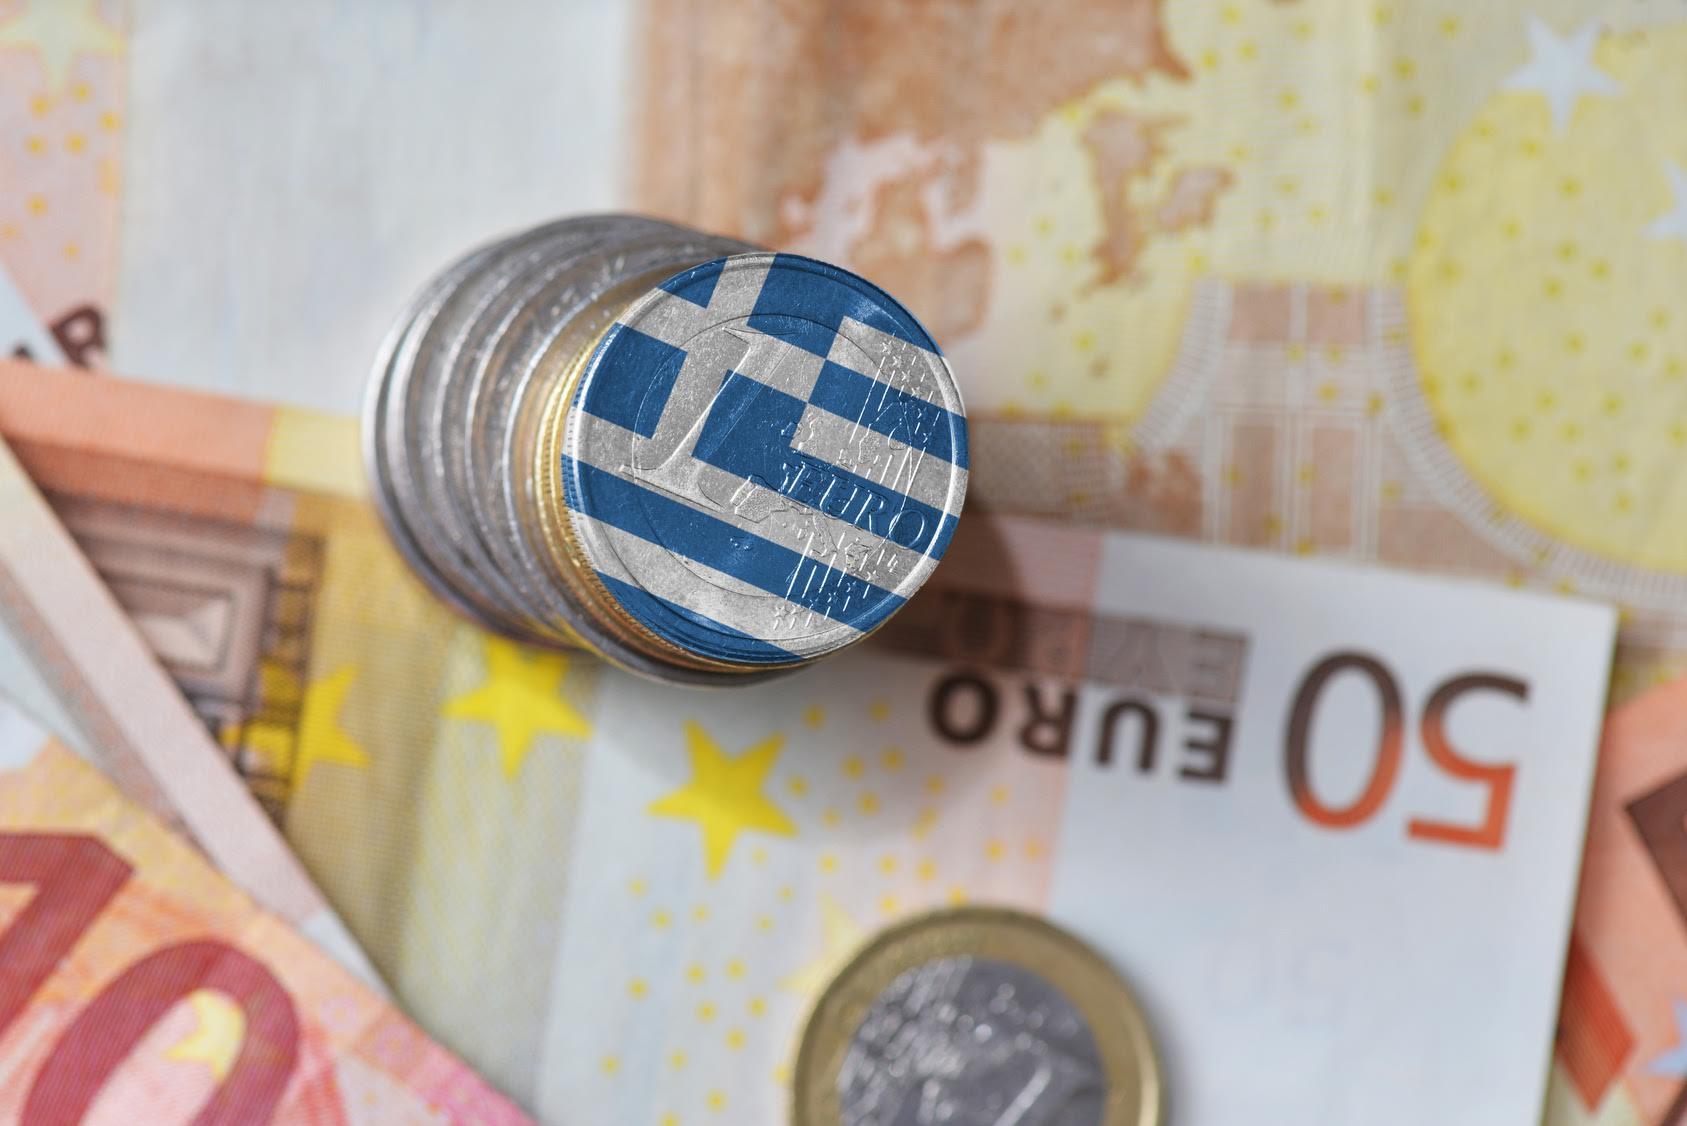 Ελλάδα: Χωρίς την περικοπή των συντάξεων το προσχέδιο προϋπολογισμού